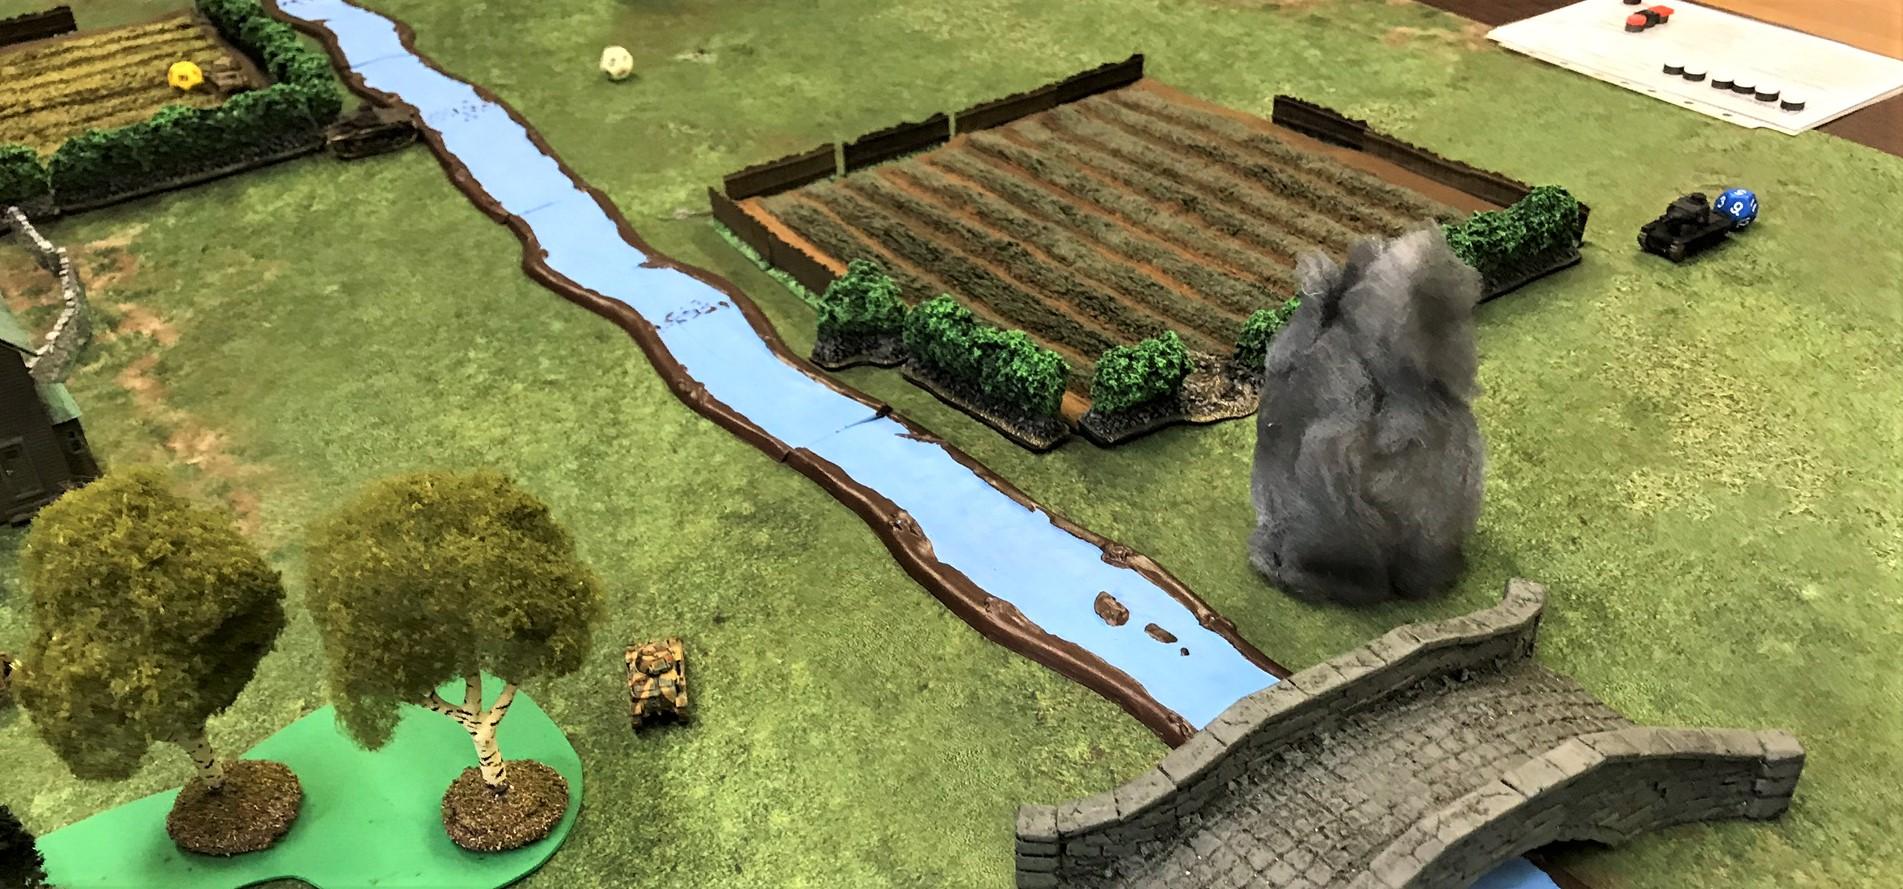 3 R35 knocks out Pz 38